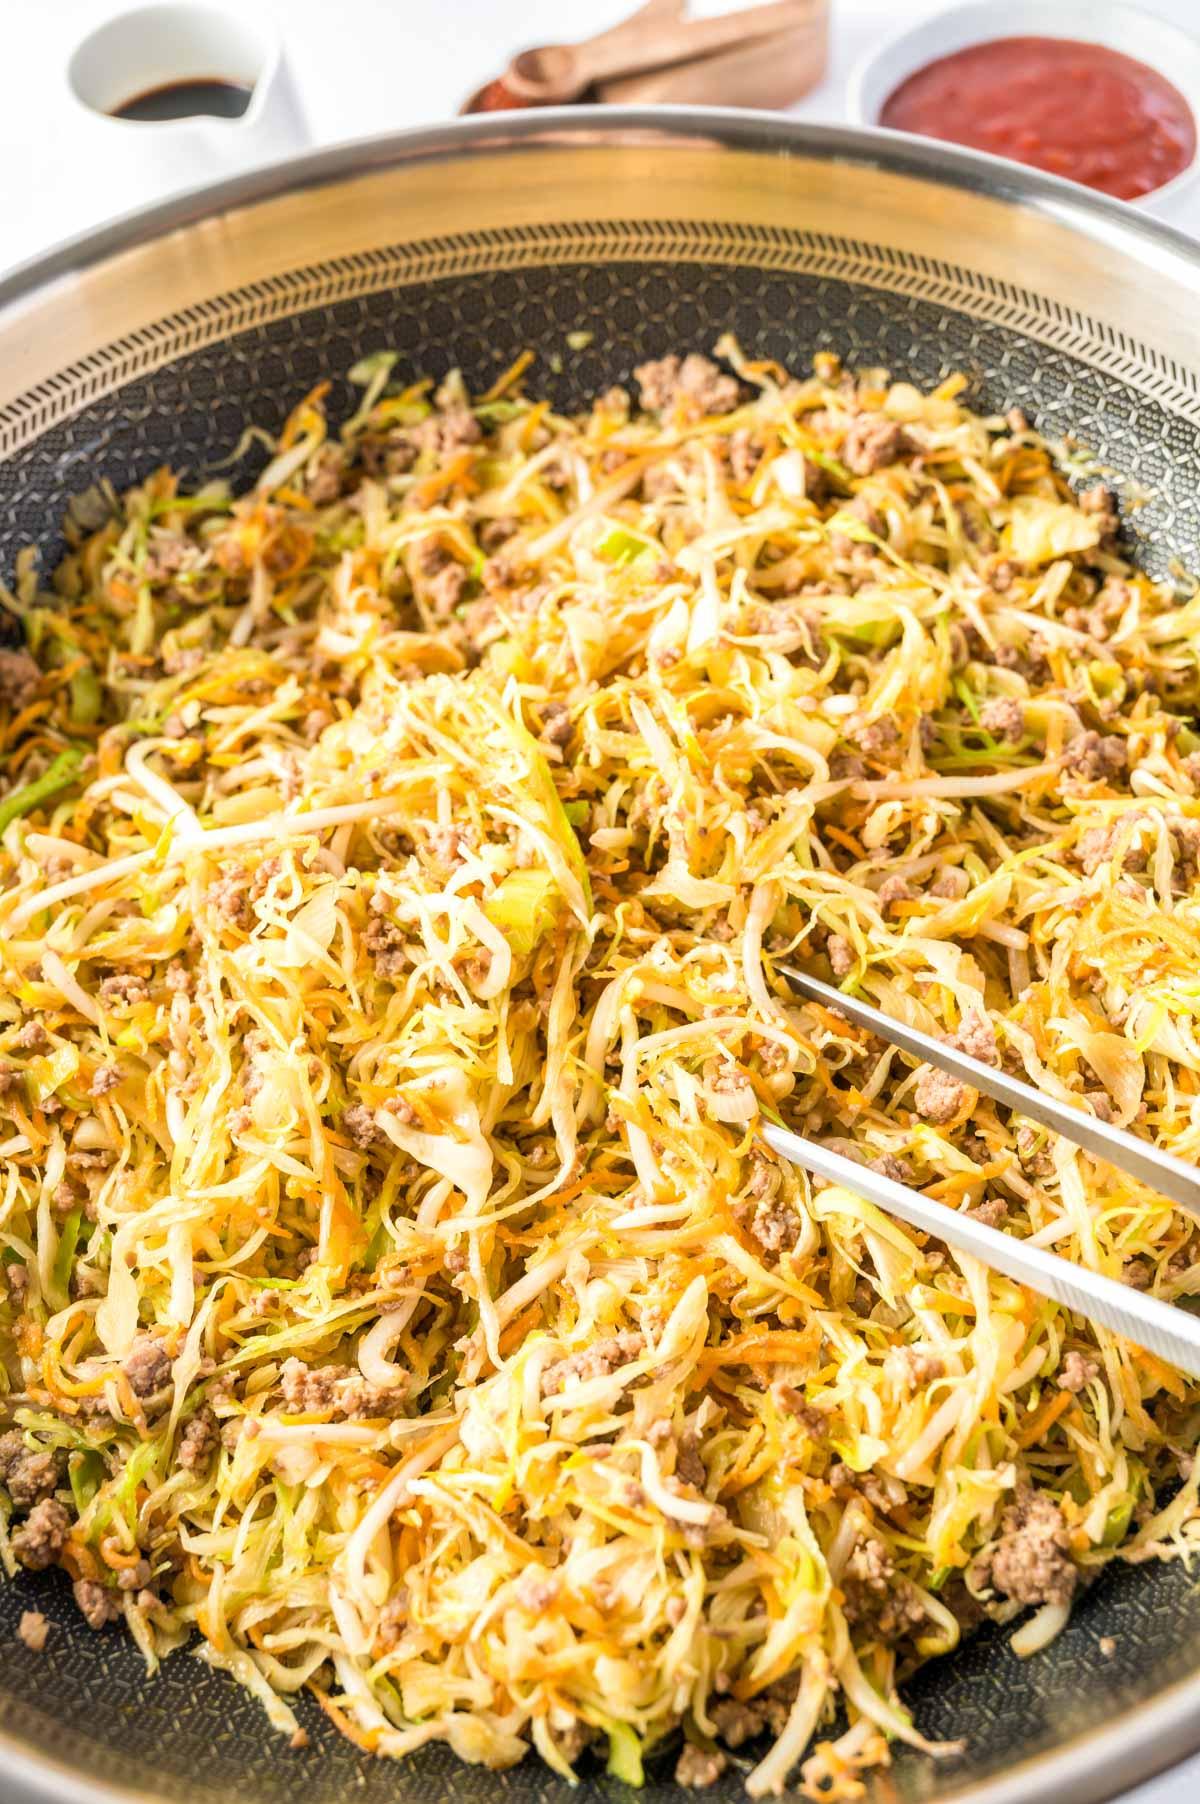 egg roll casserole ingredients in a wok